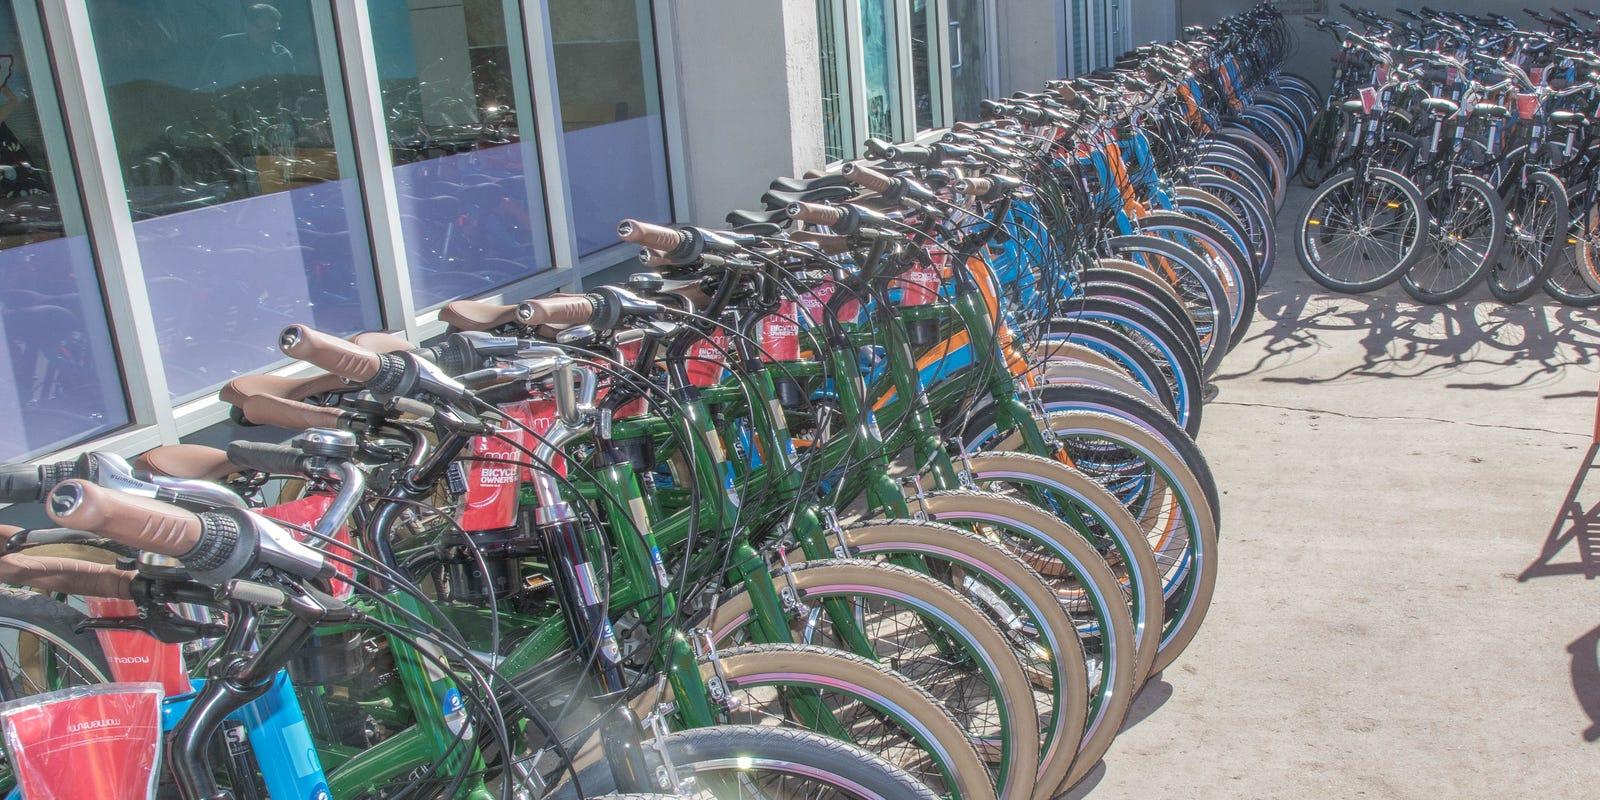 f6f591c326 Giant Bicycles donates 200 bikes to Thomas Fire survivors